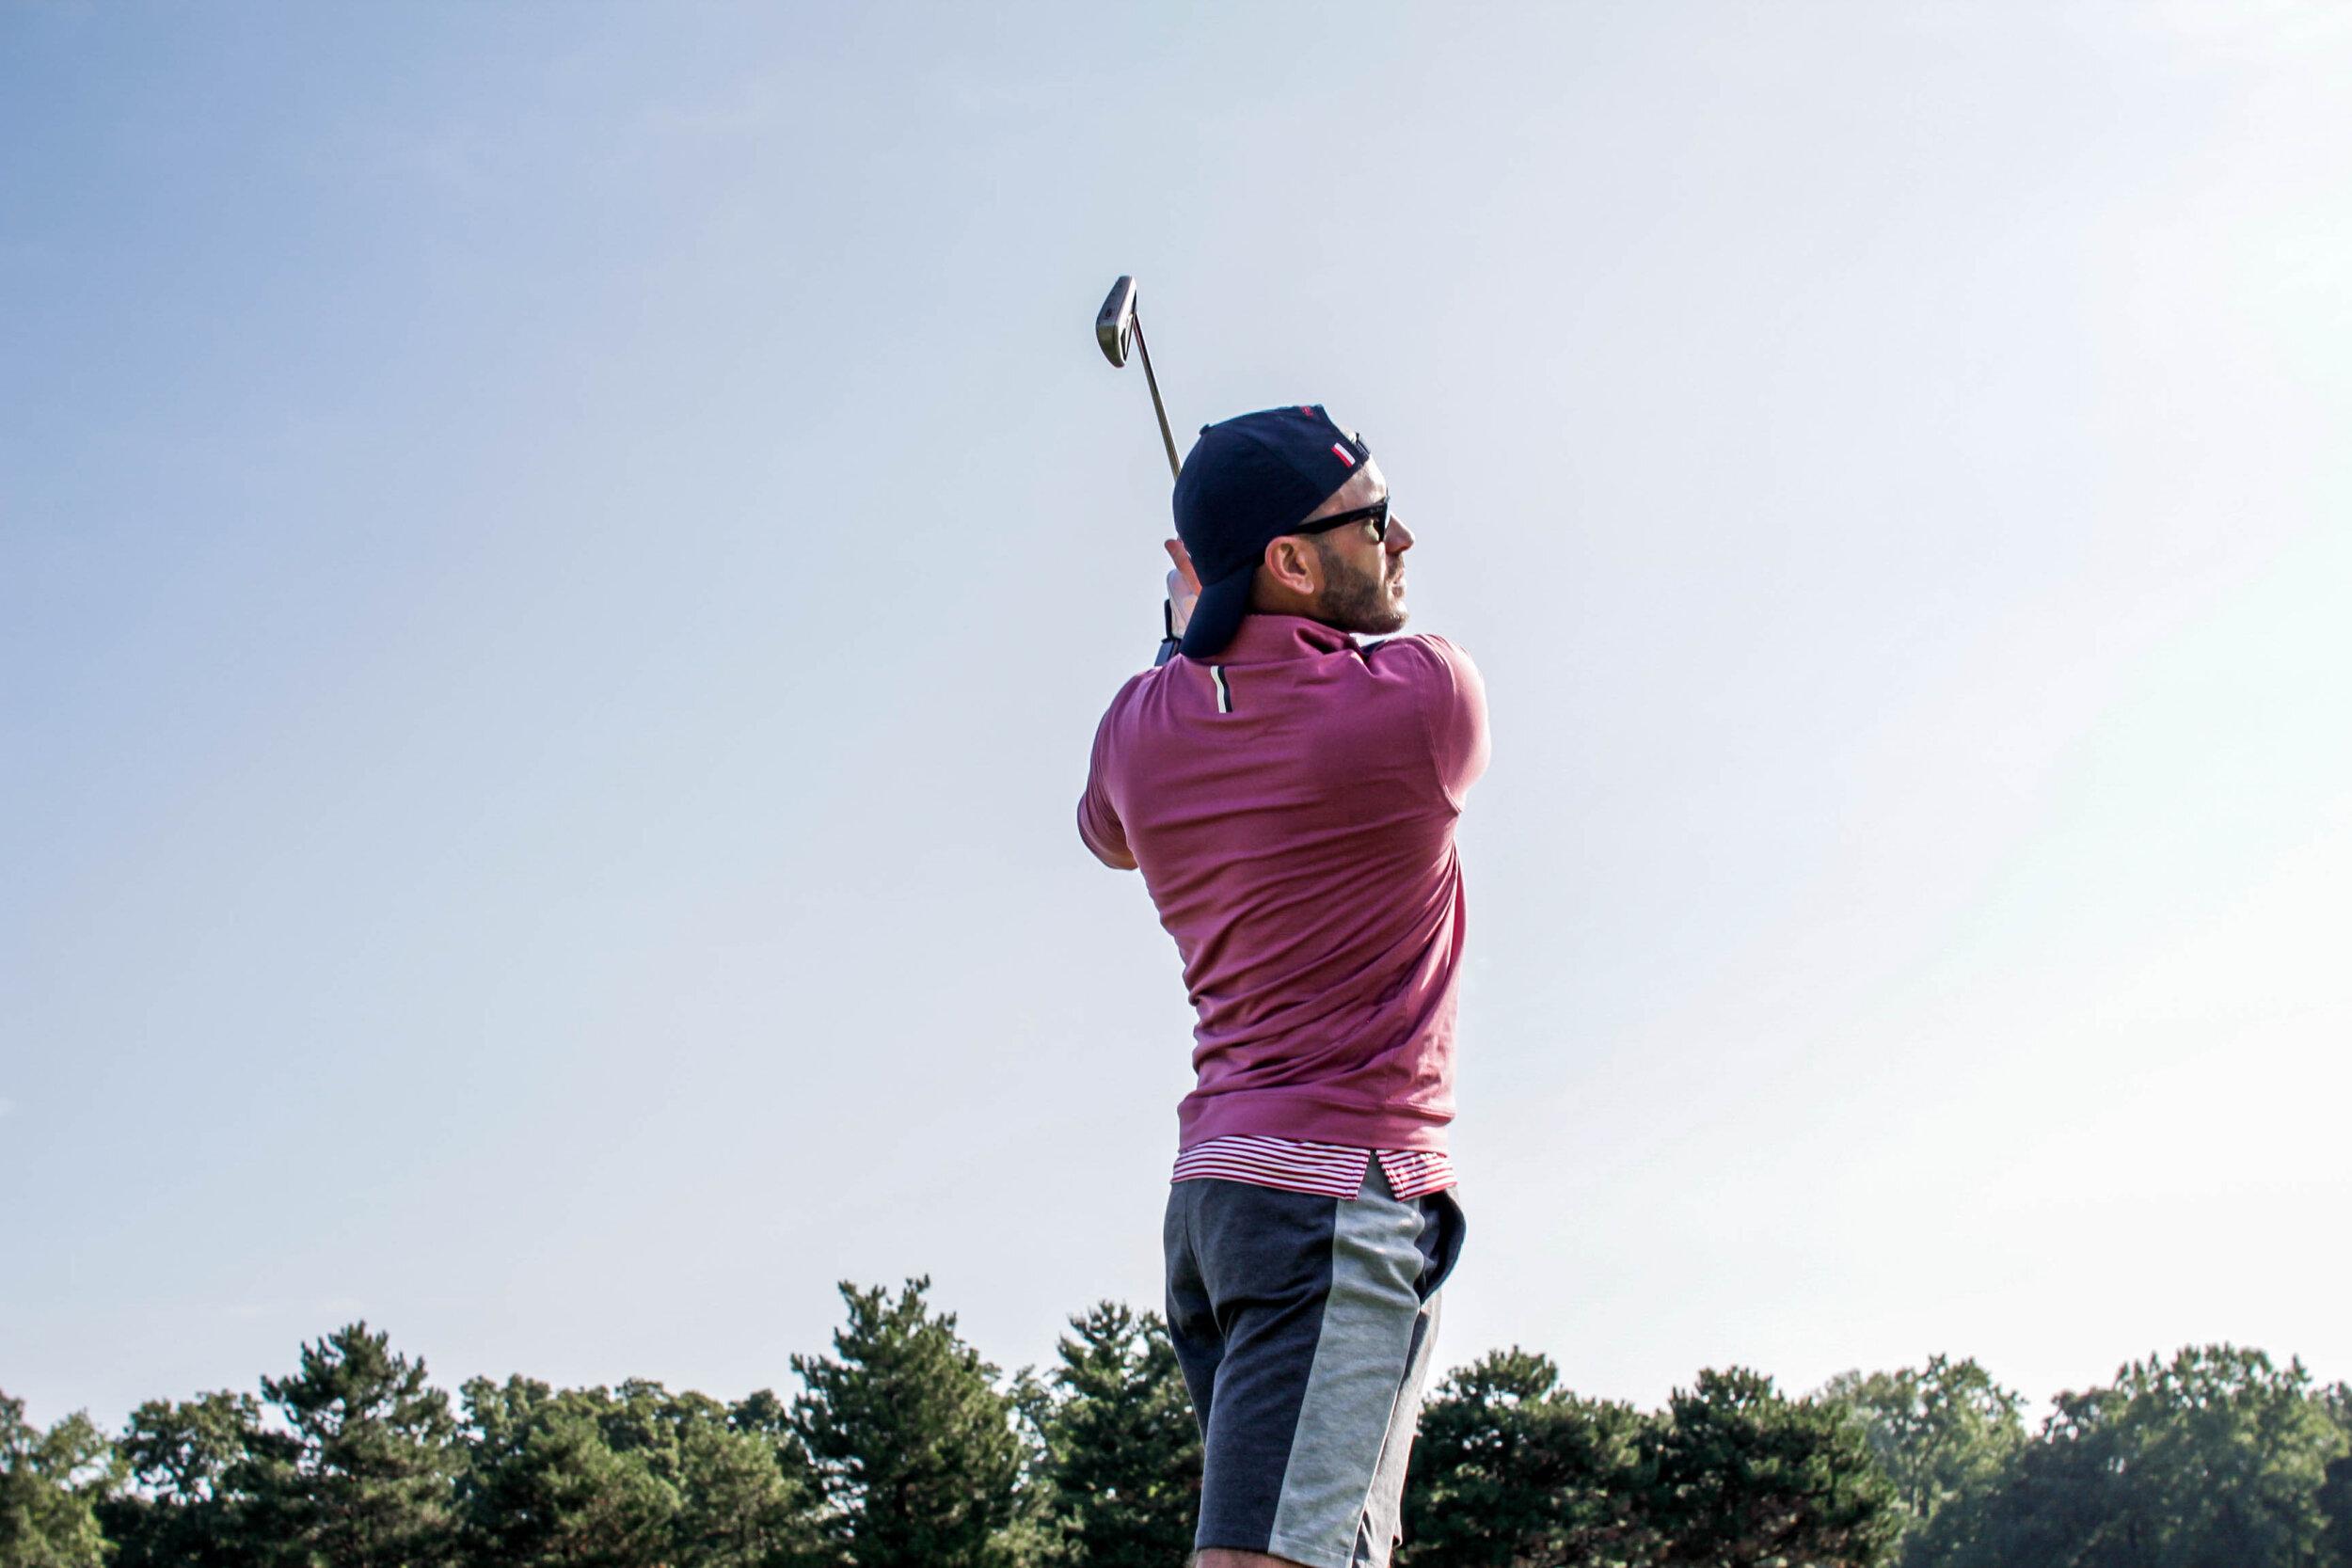 Men's Golf Lookbook